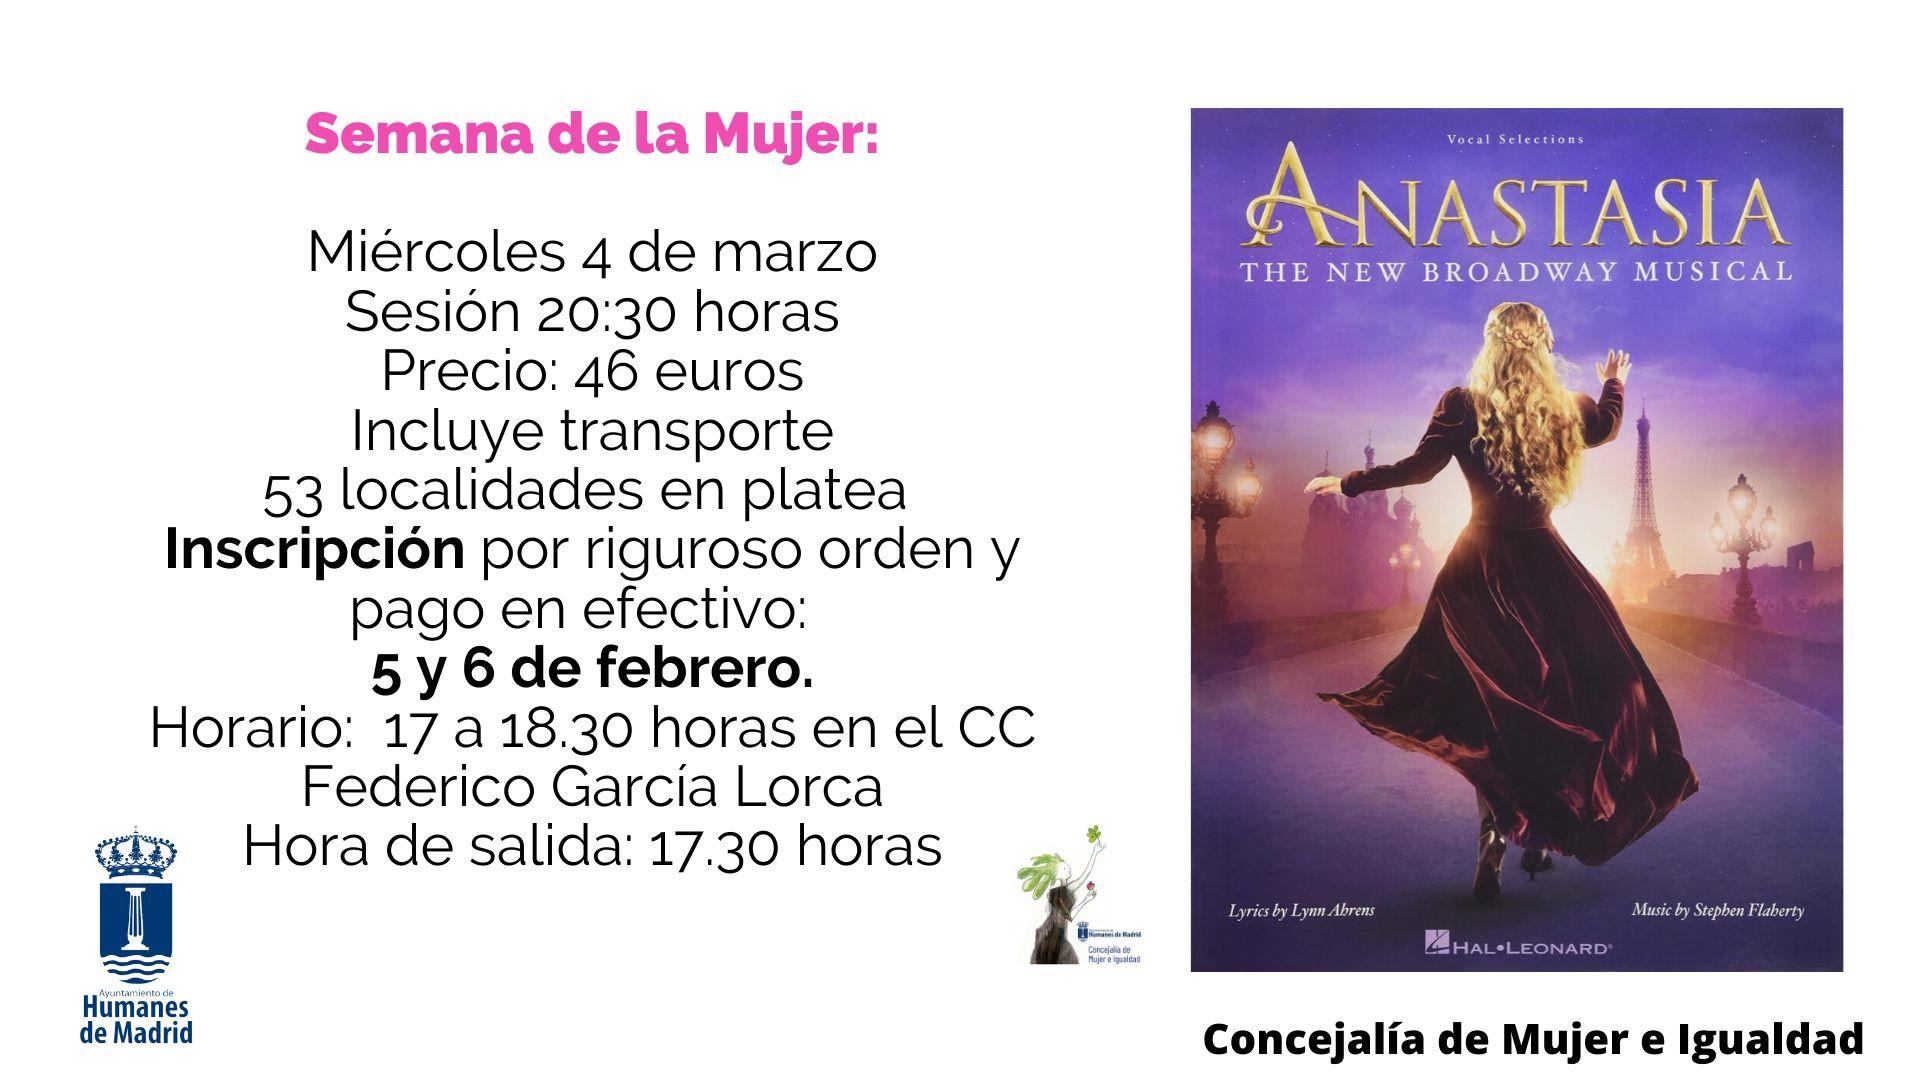 """Con motivo de la Semana de la Mujer, la concejalía organiza una salida cultural para asistir al musical """"Anastasia"""" en Madrid."""